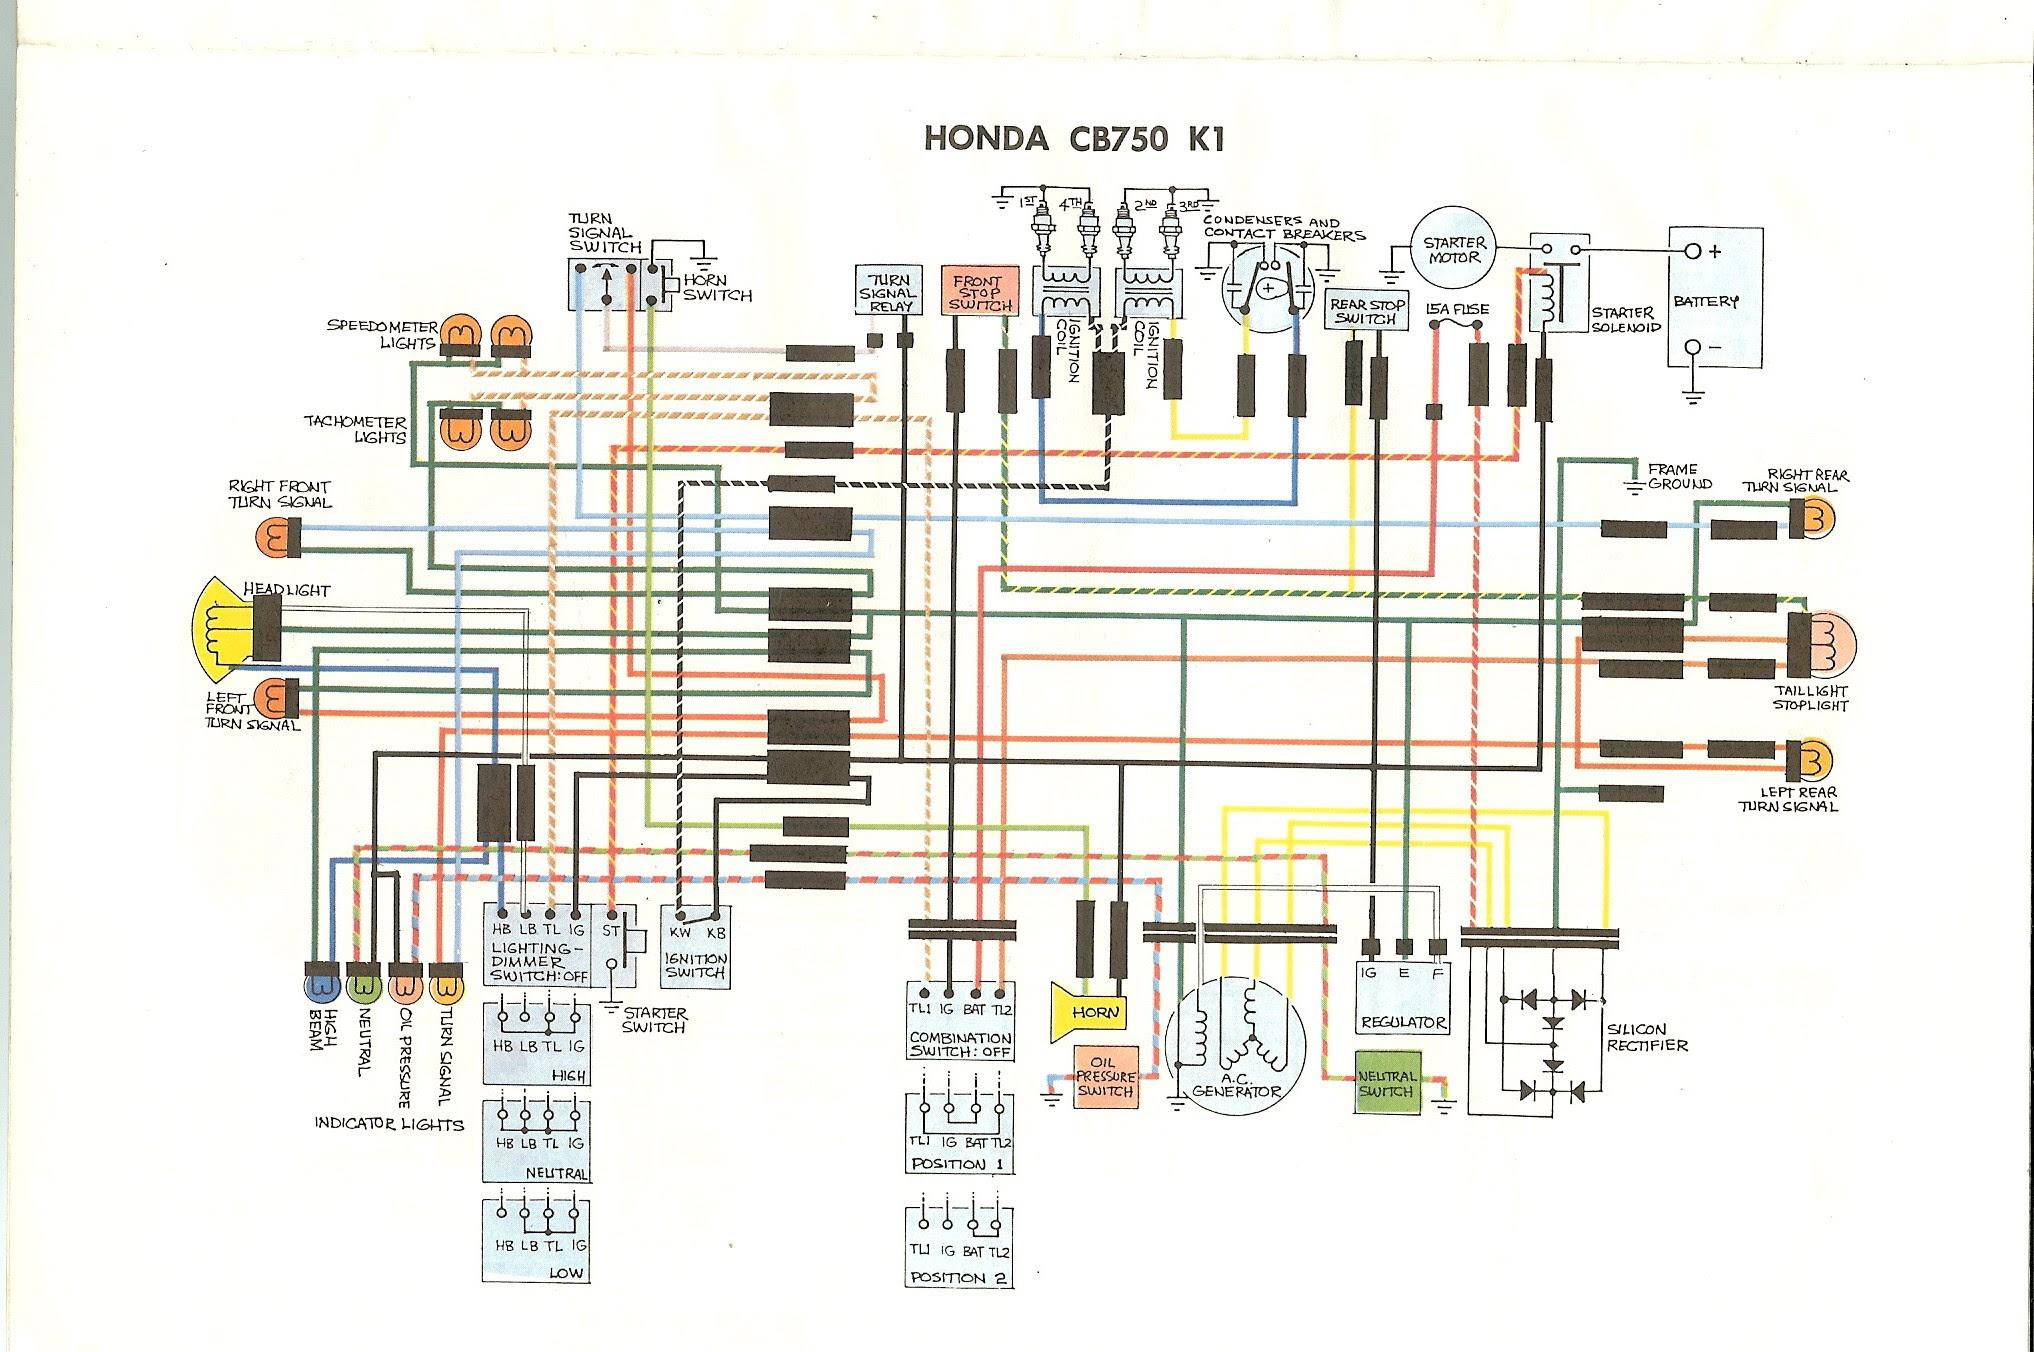 Cb750 Wiring Diagram 1992 72 Pontiac Lemans Wiring Diagram Wiring Diagram Schematics